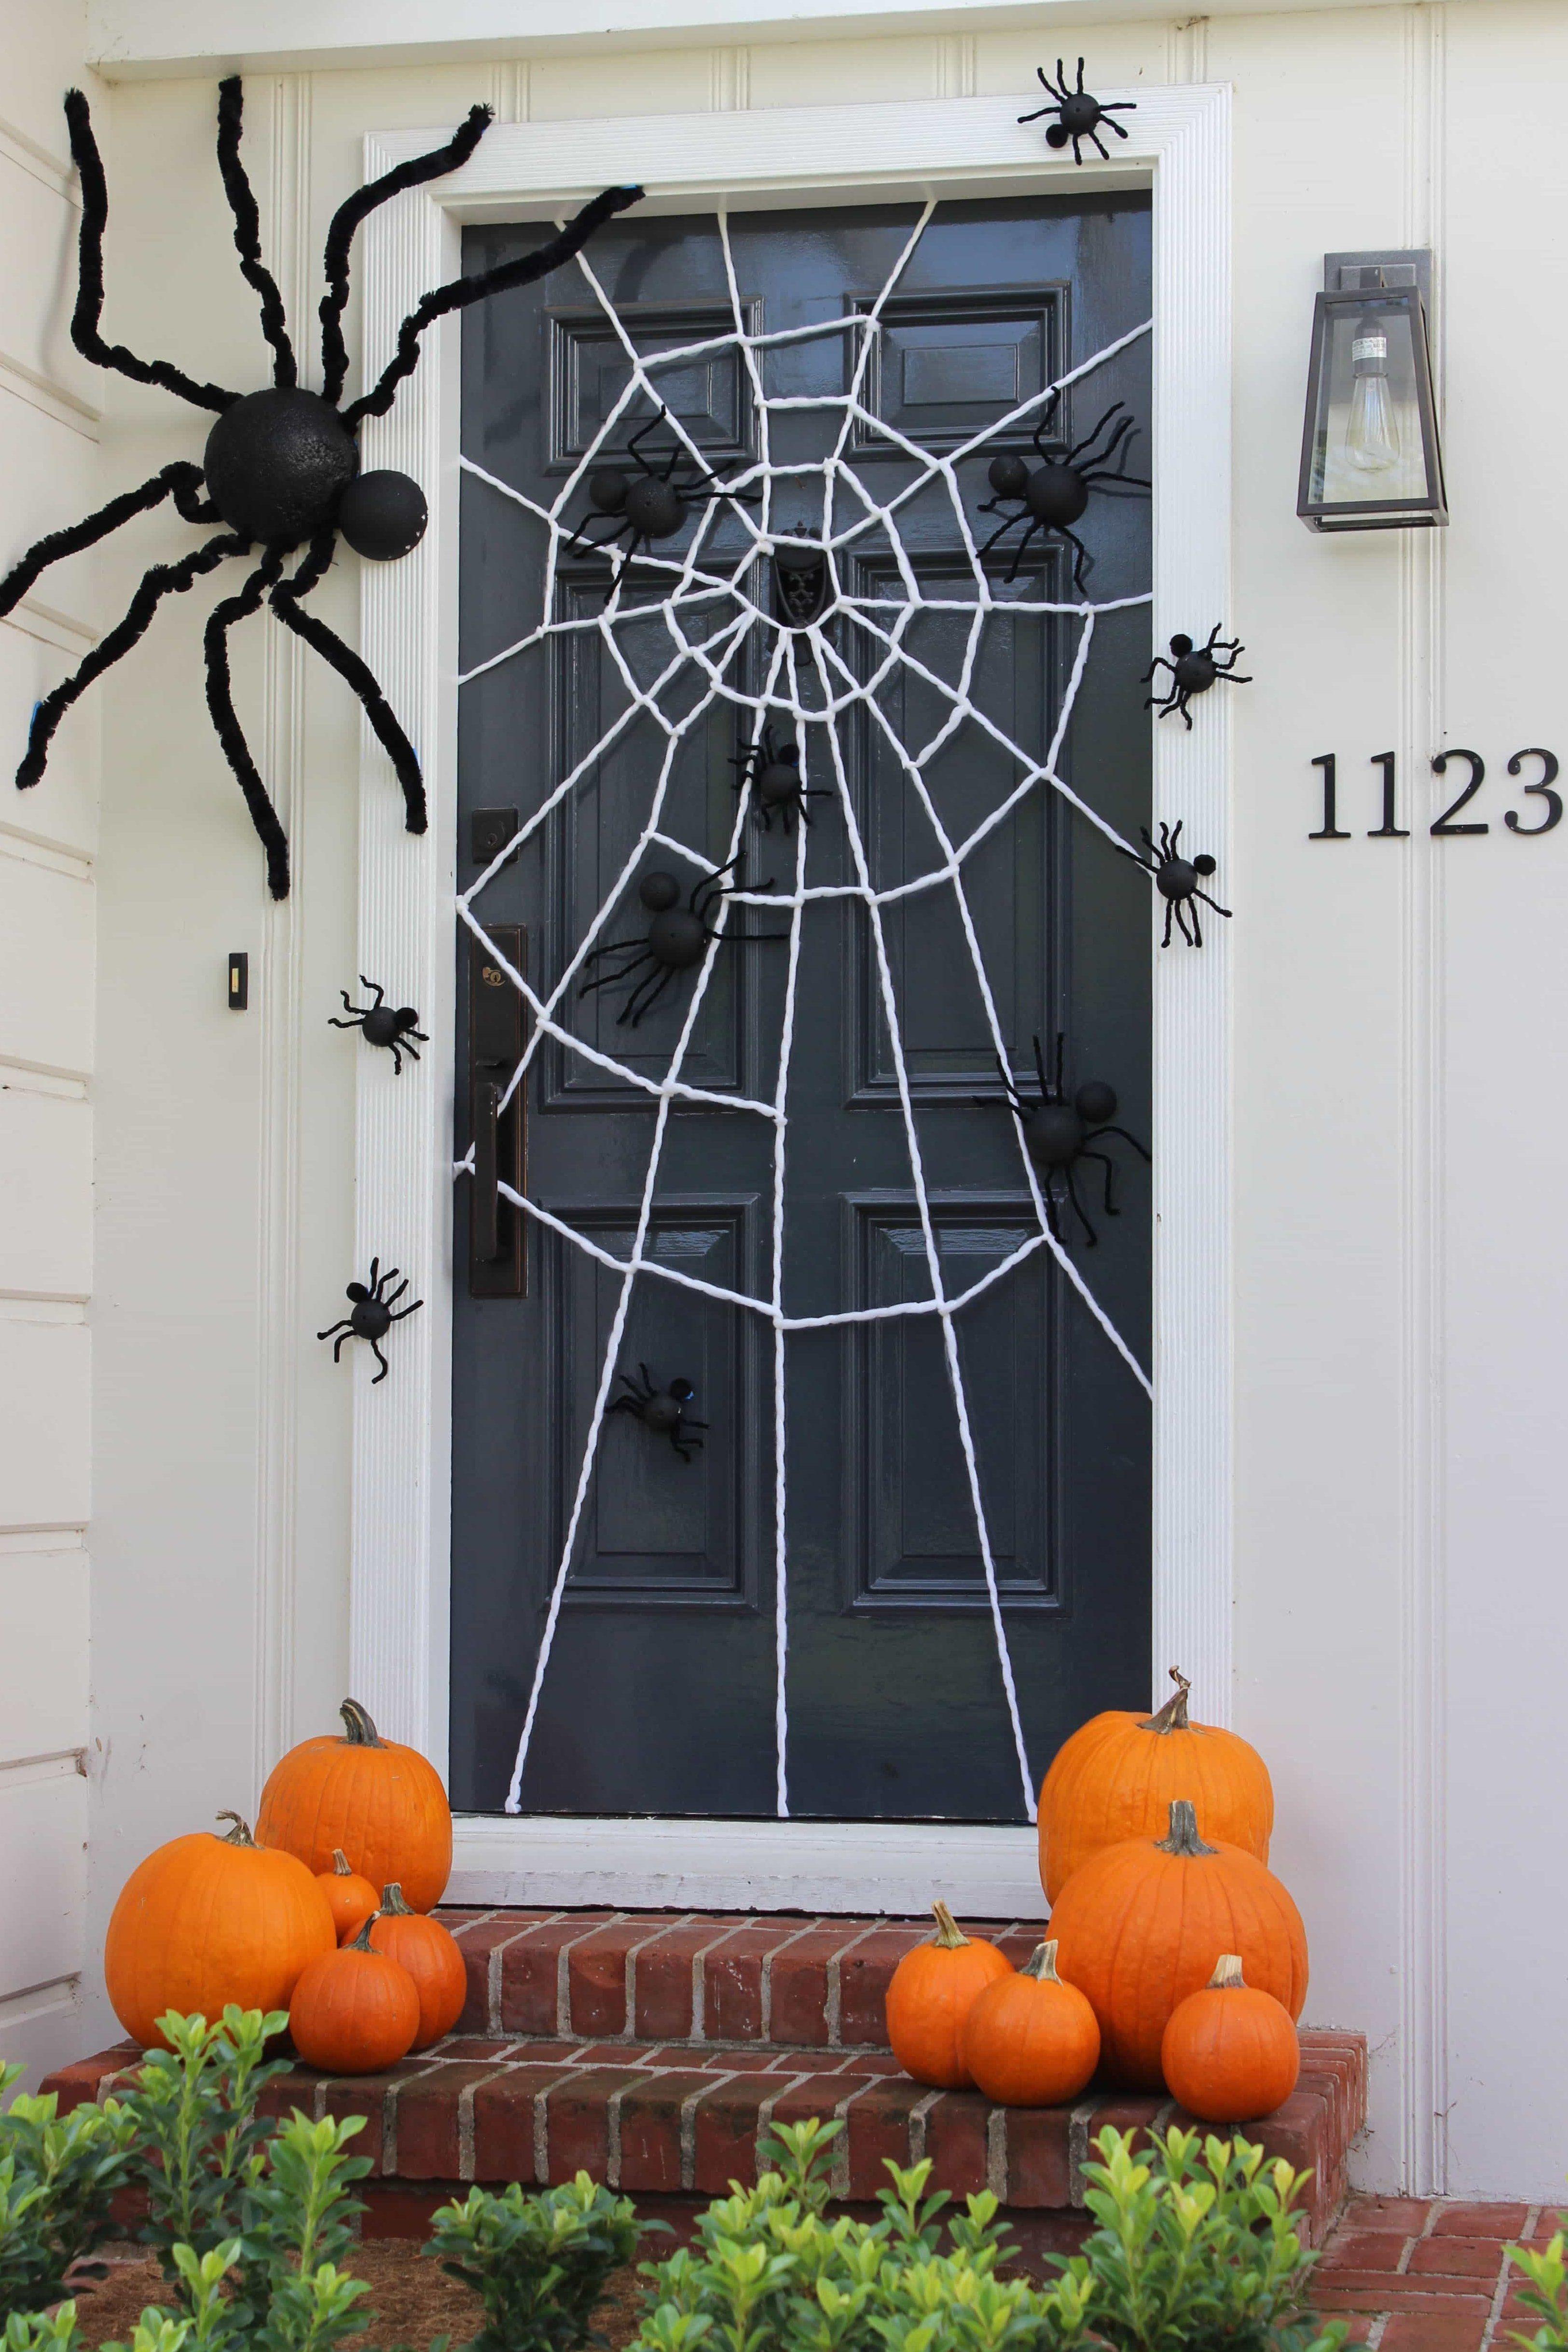 Halloween Door Decorating Ideas  Frighteningly Fabulous Halloween Door Decorating Ideas  Frighteningly Fabulous